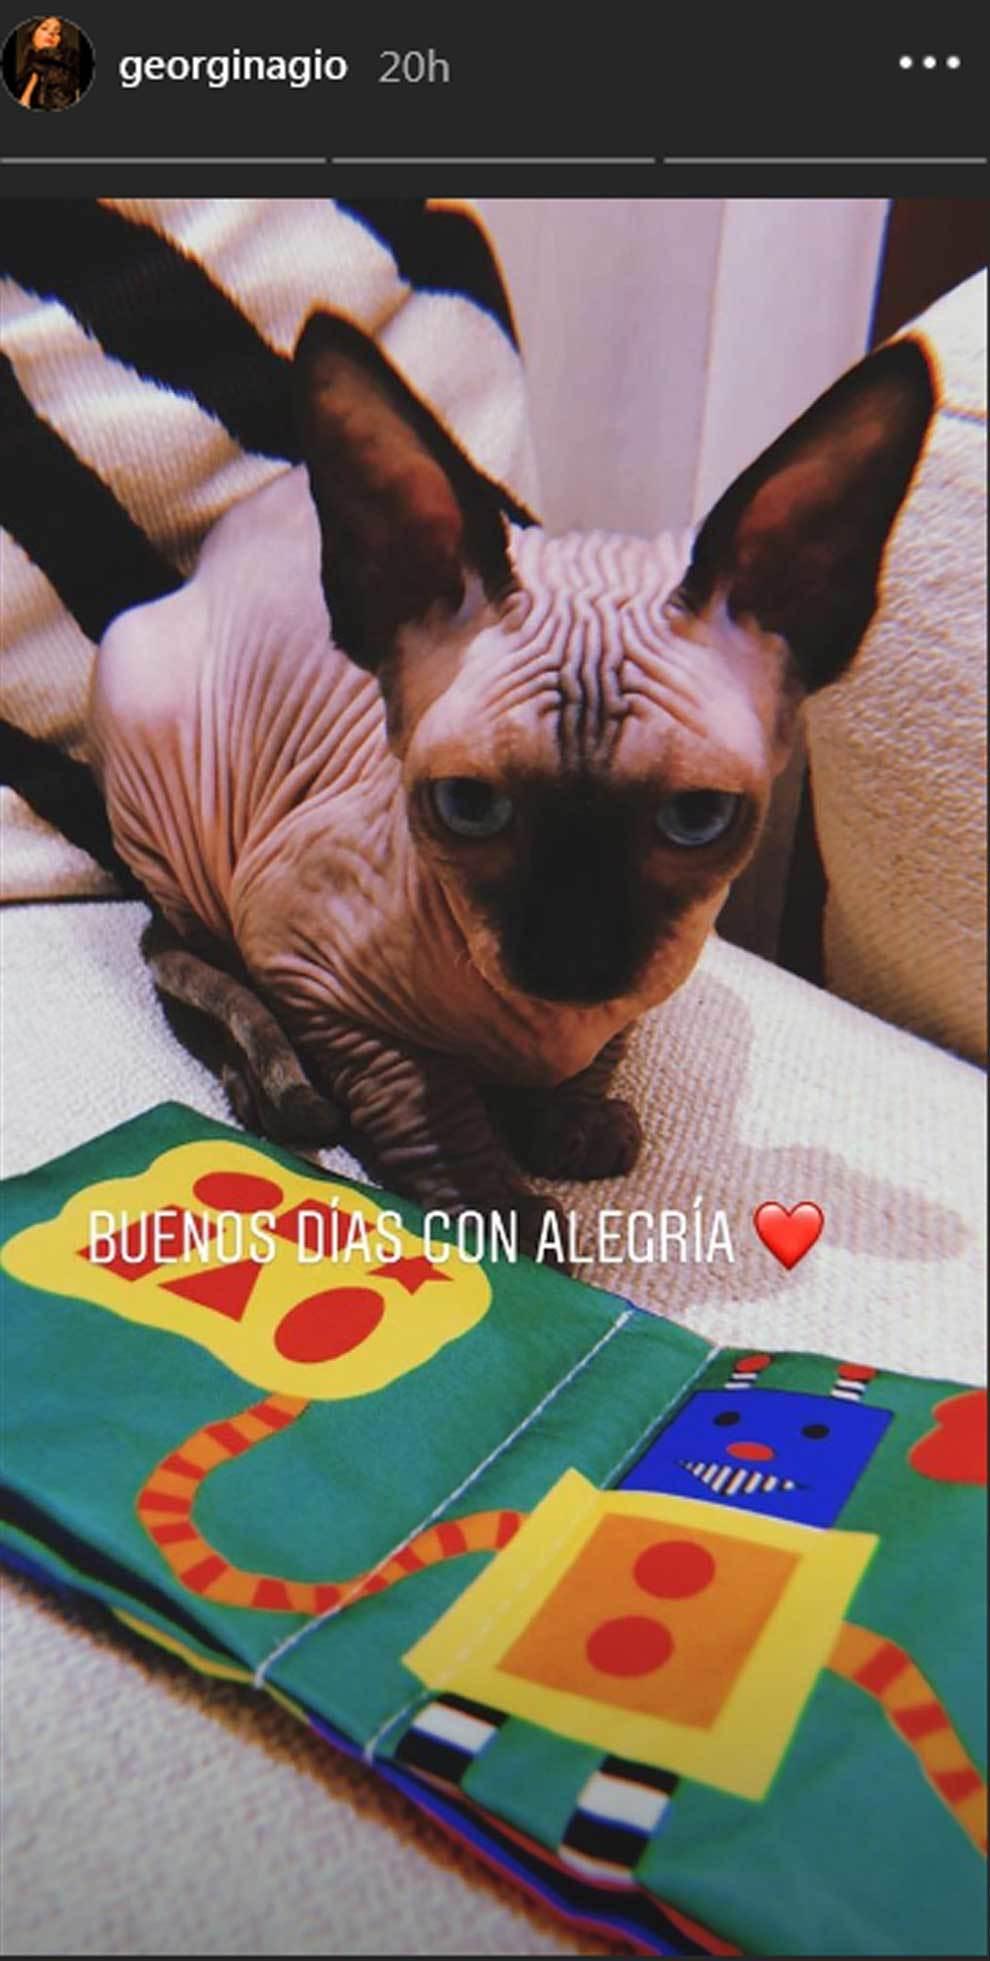 Un sphynx, o gato, esfinge, es la nueva mascota de Georgina Rodríguez...